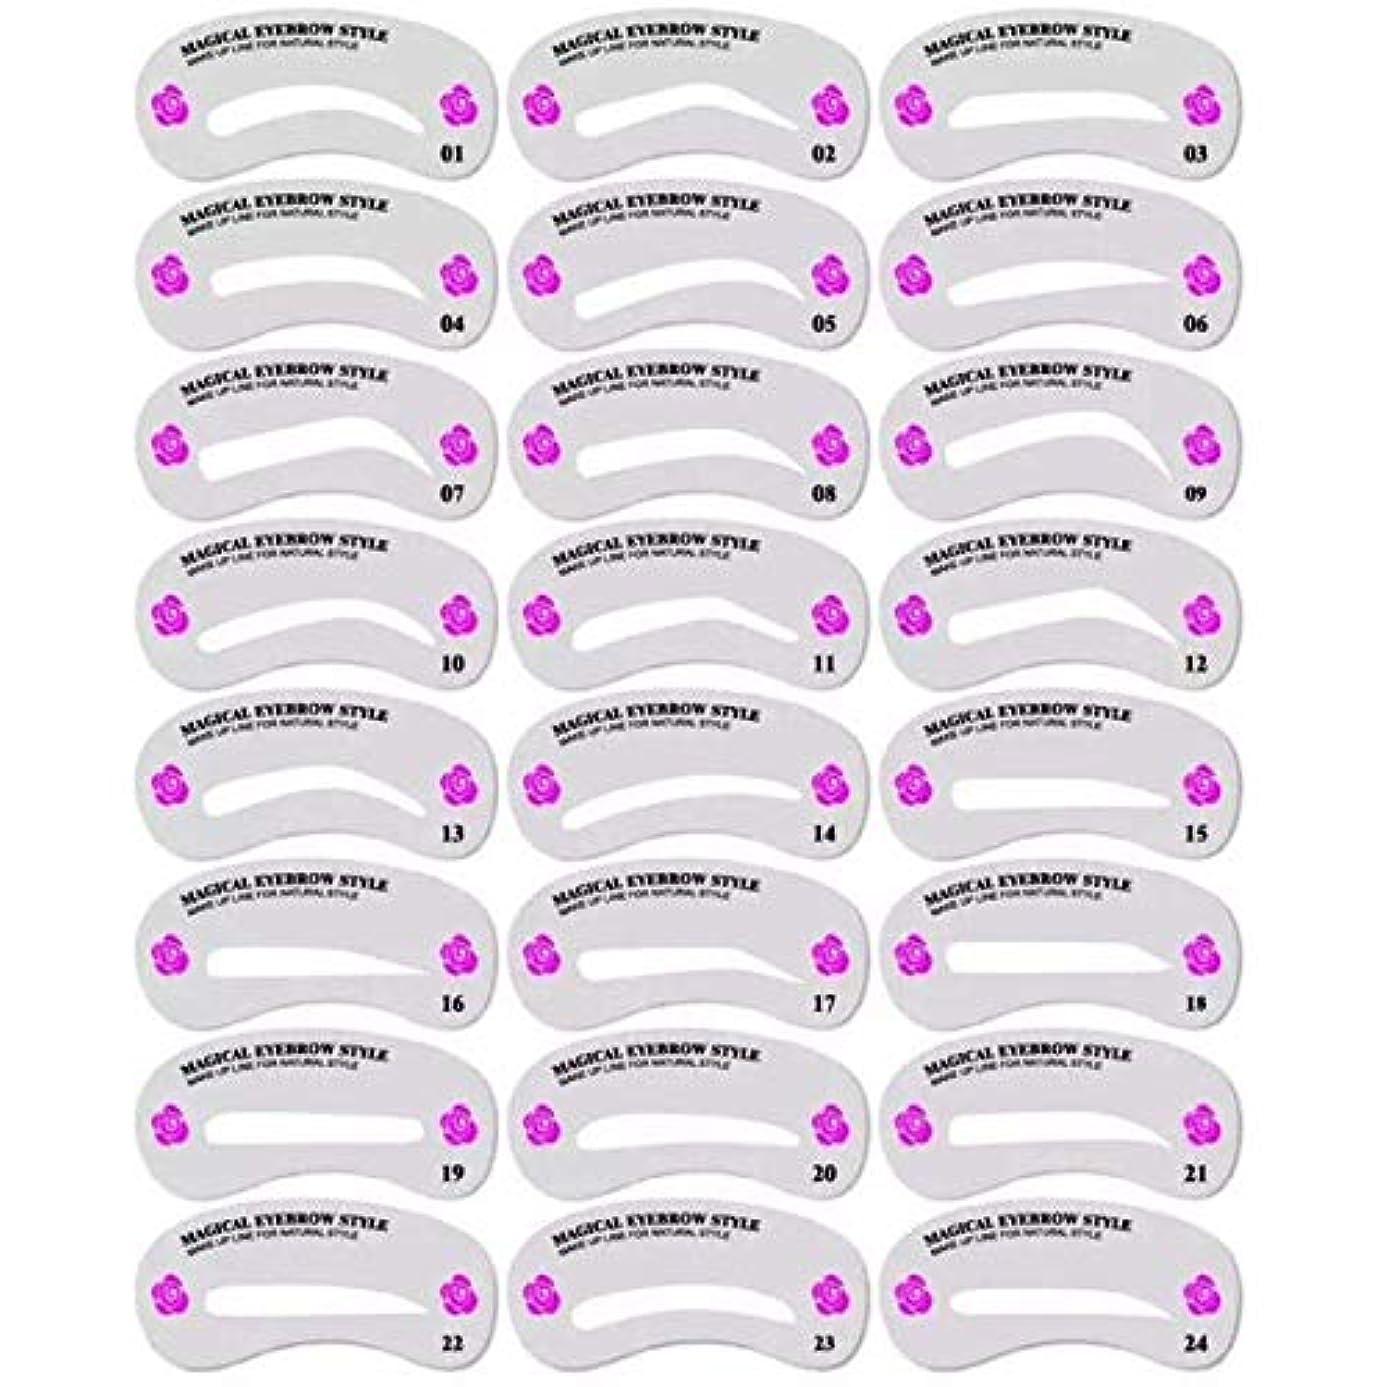 床を掃除する曲げる港眉毛テンプレート 24種類 美容ツール メイクアップ ガイド 眉毛を気分で使い分け 男女兼用 (24枚セット)